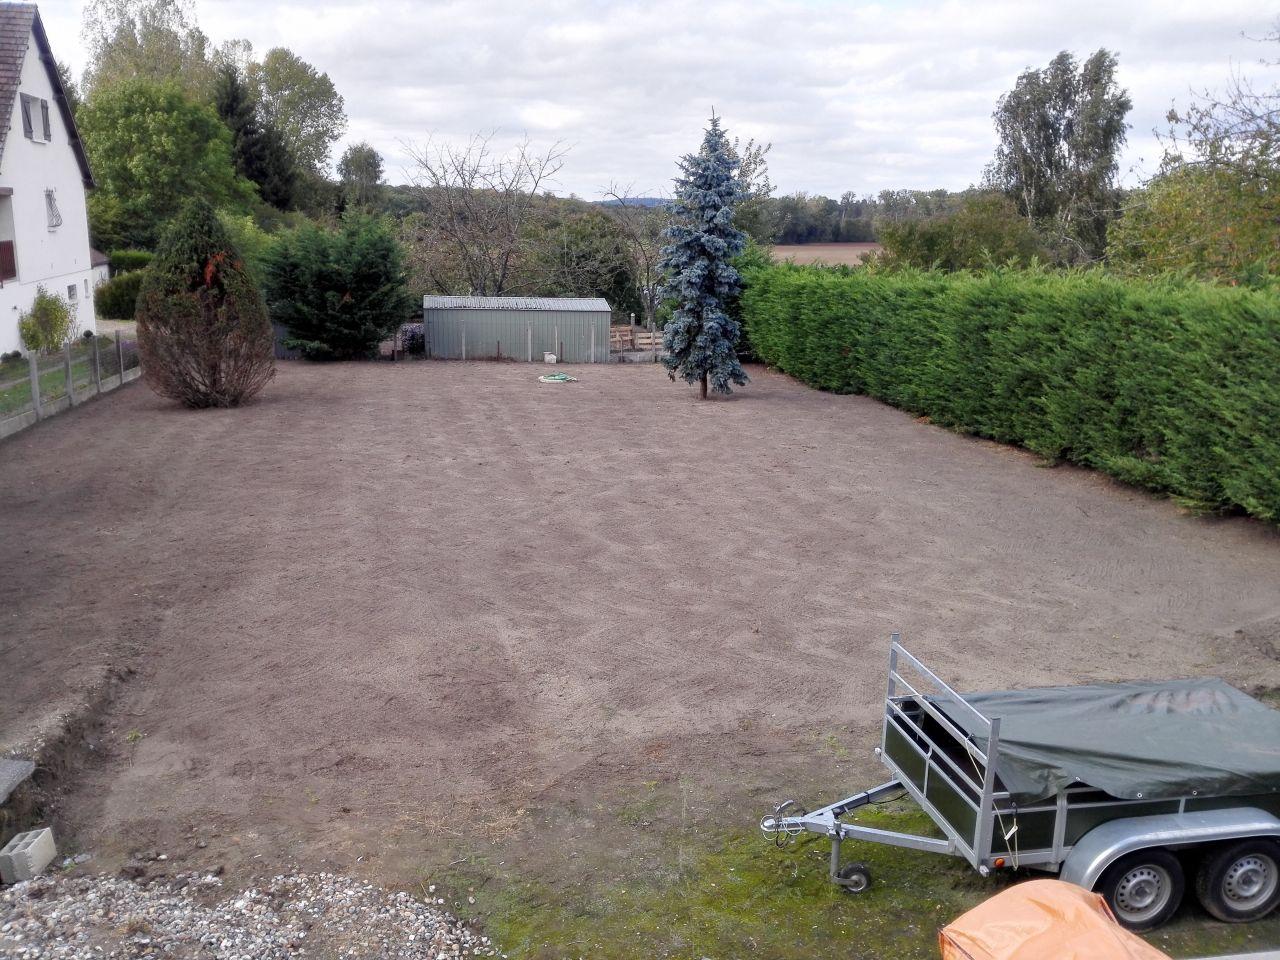 Terrain derrière la maison